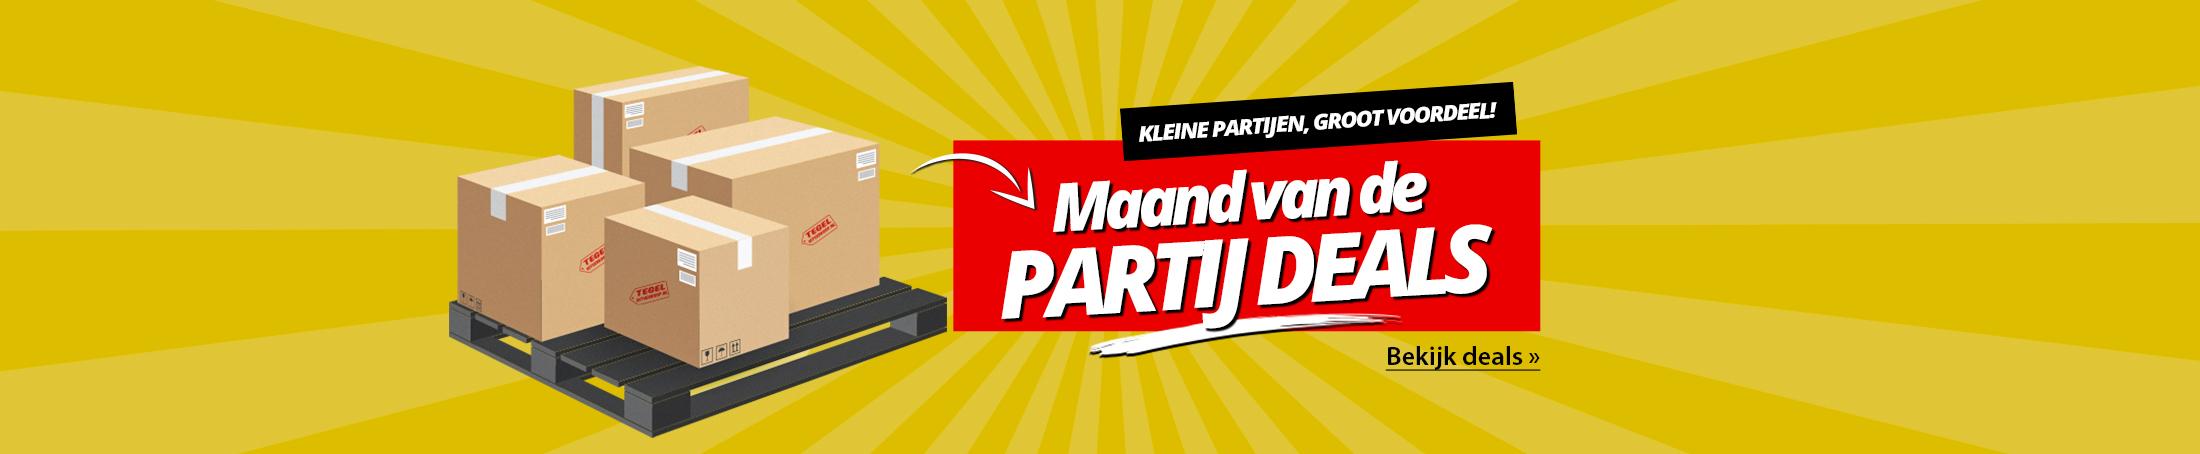 Partijdeals_header_mobiel